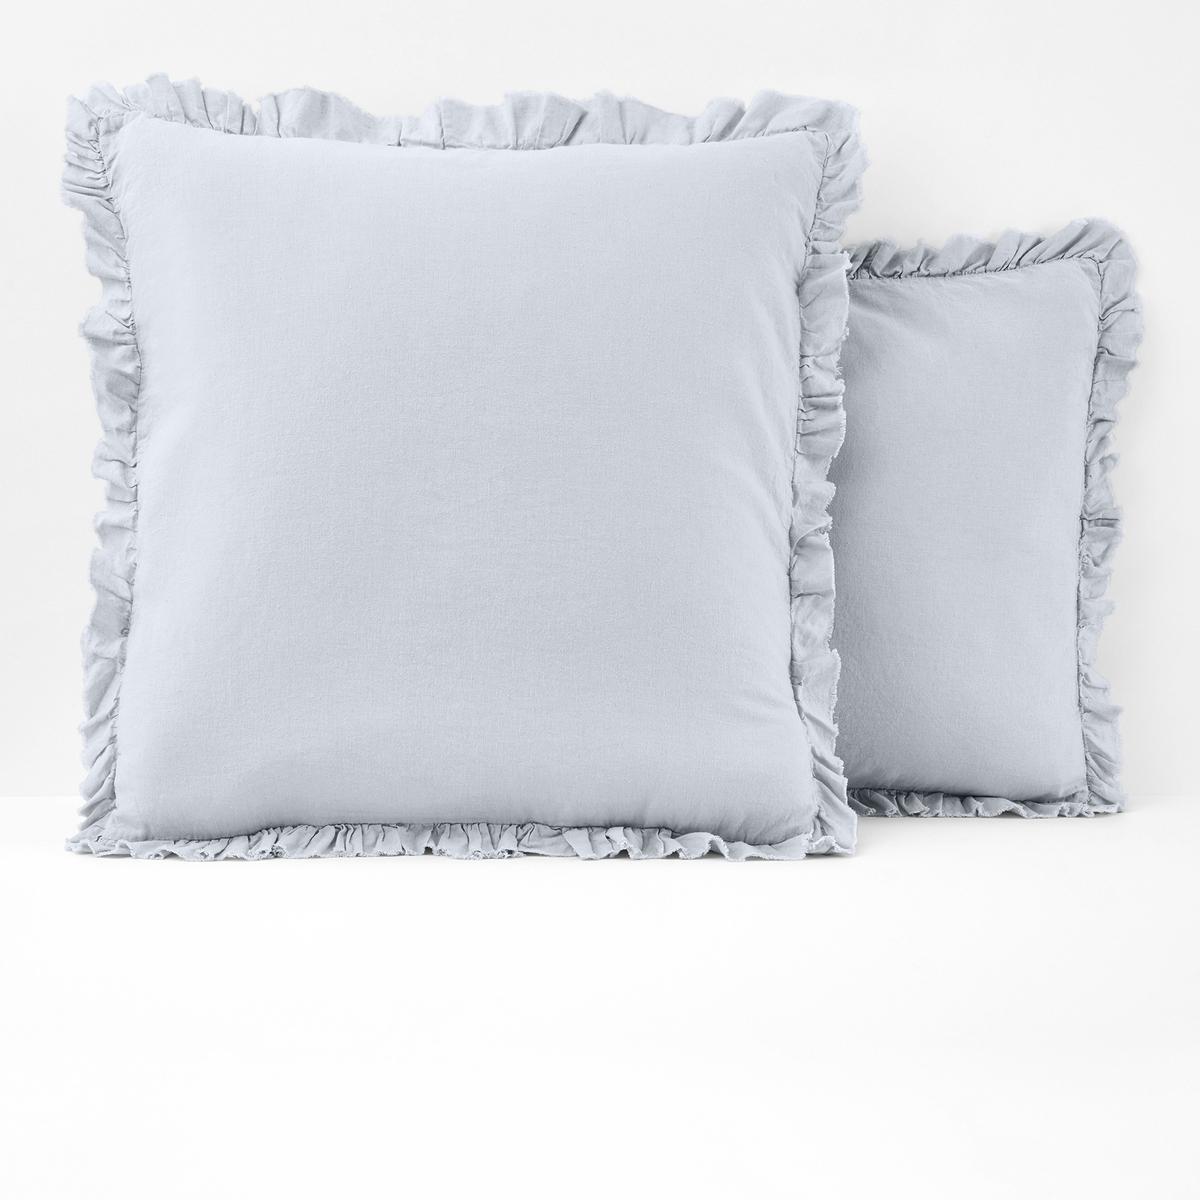 Наволочка La Redoute Однотонная из льна и хлопка NILLOW 50 x 70 см серый комплект из полотенце для la redoute рук из хлопка и льна nipaly 50 x 100 см белый